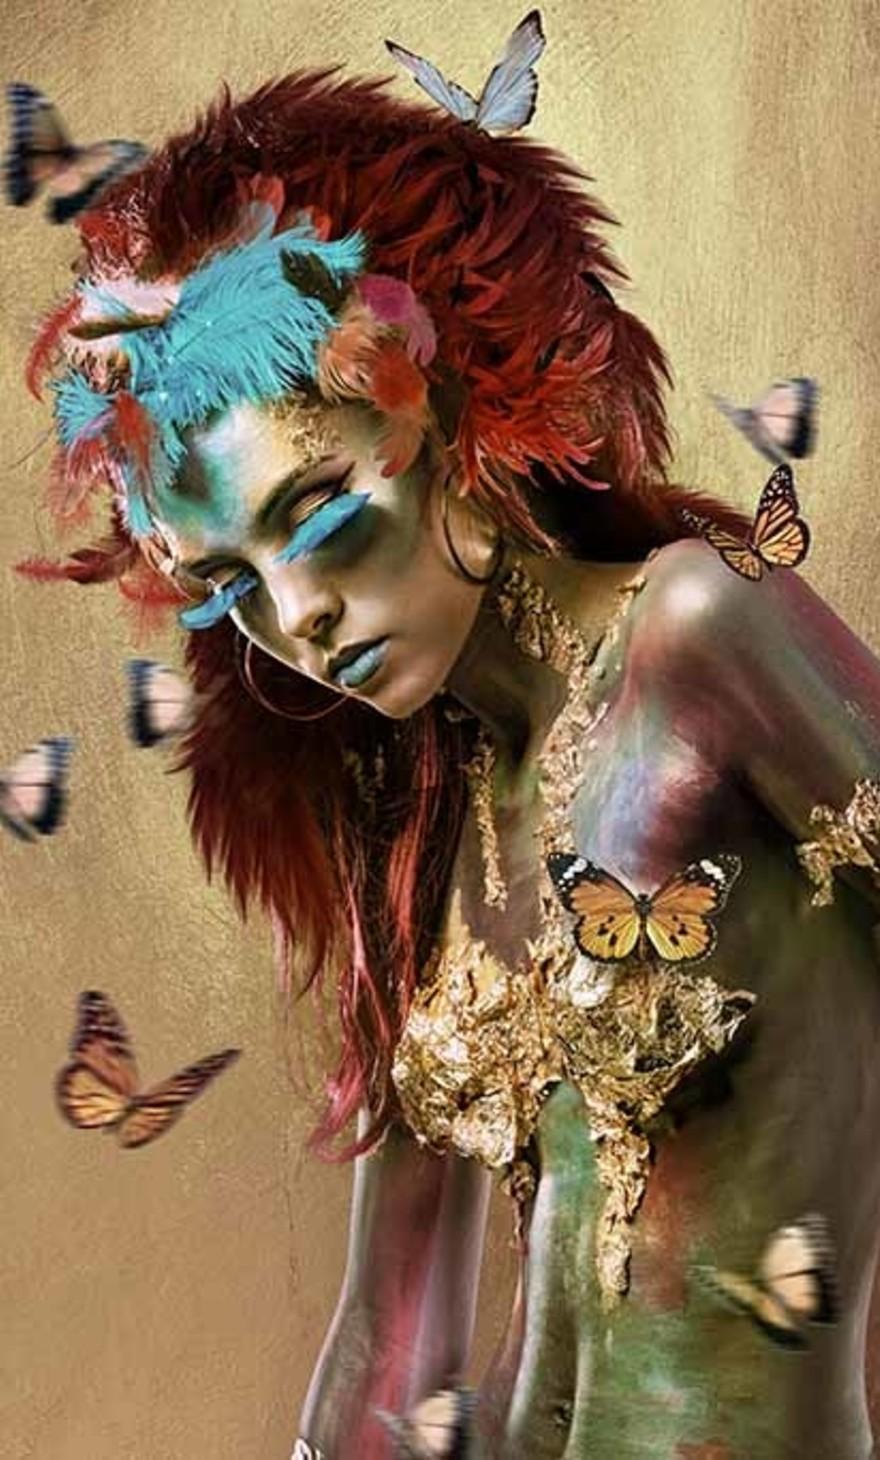 Mariposa woman 1